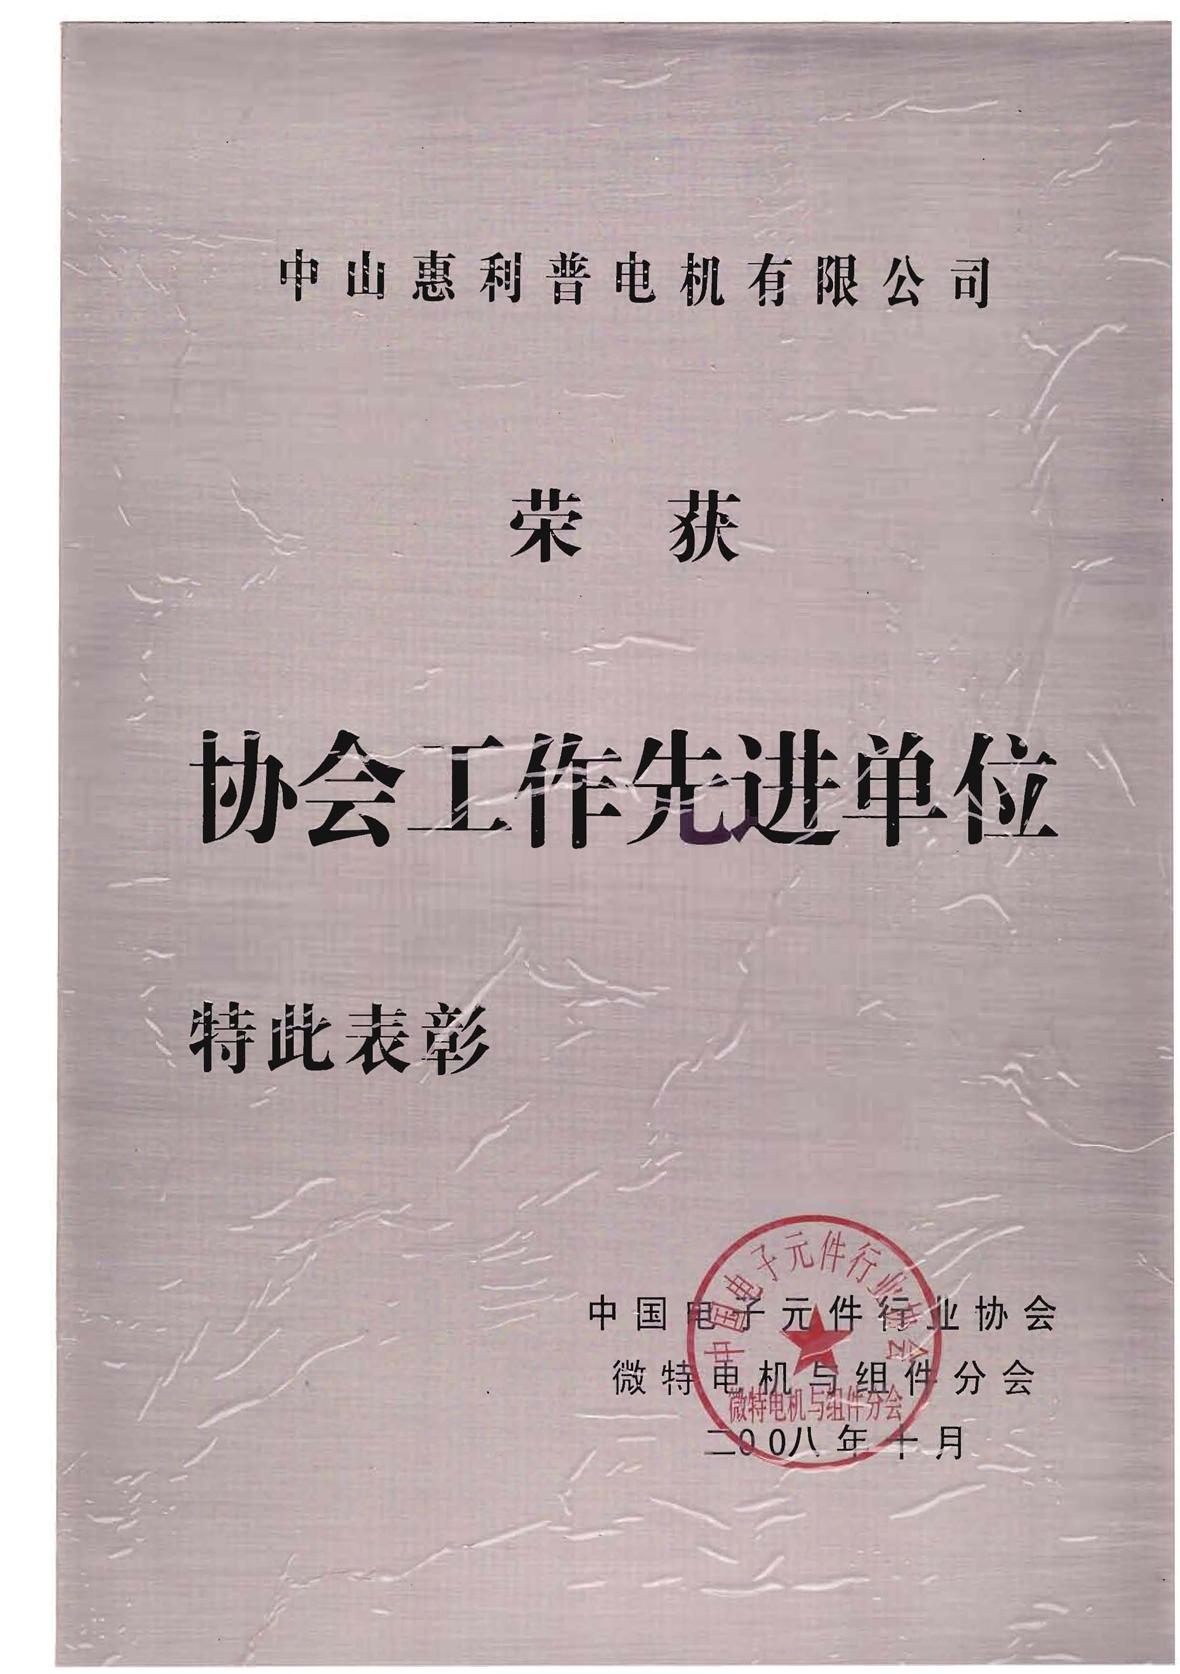 中國電子元件行業協會工作先進單位